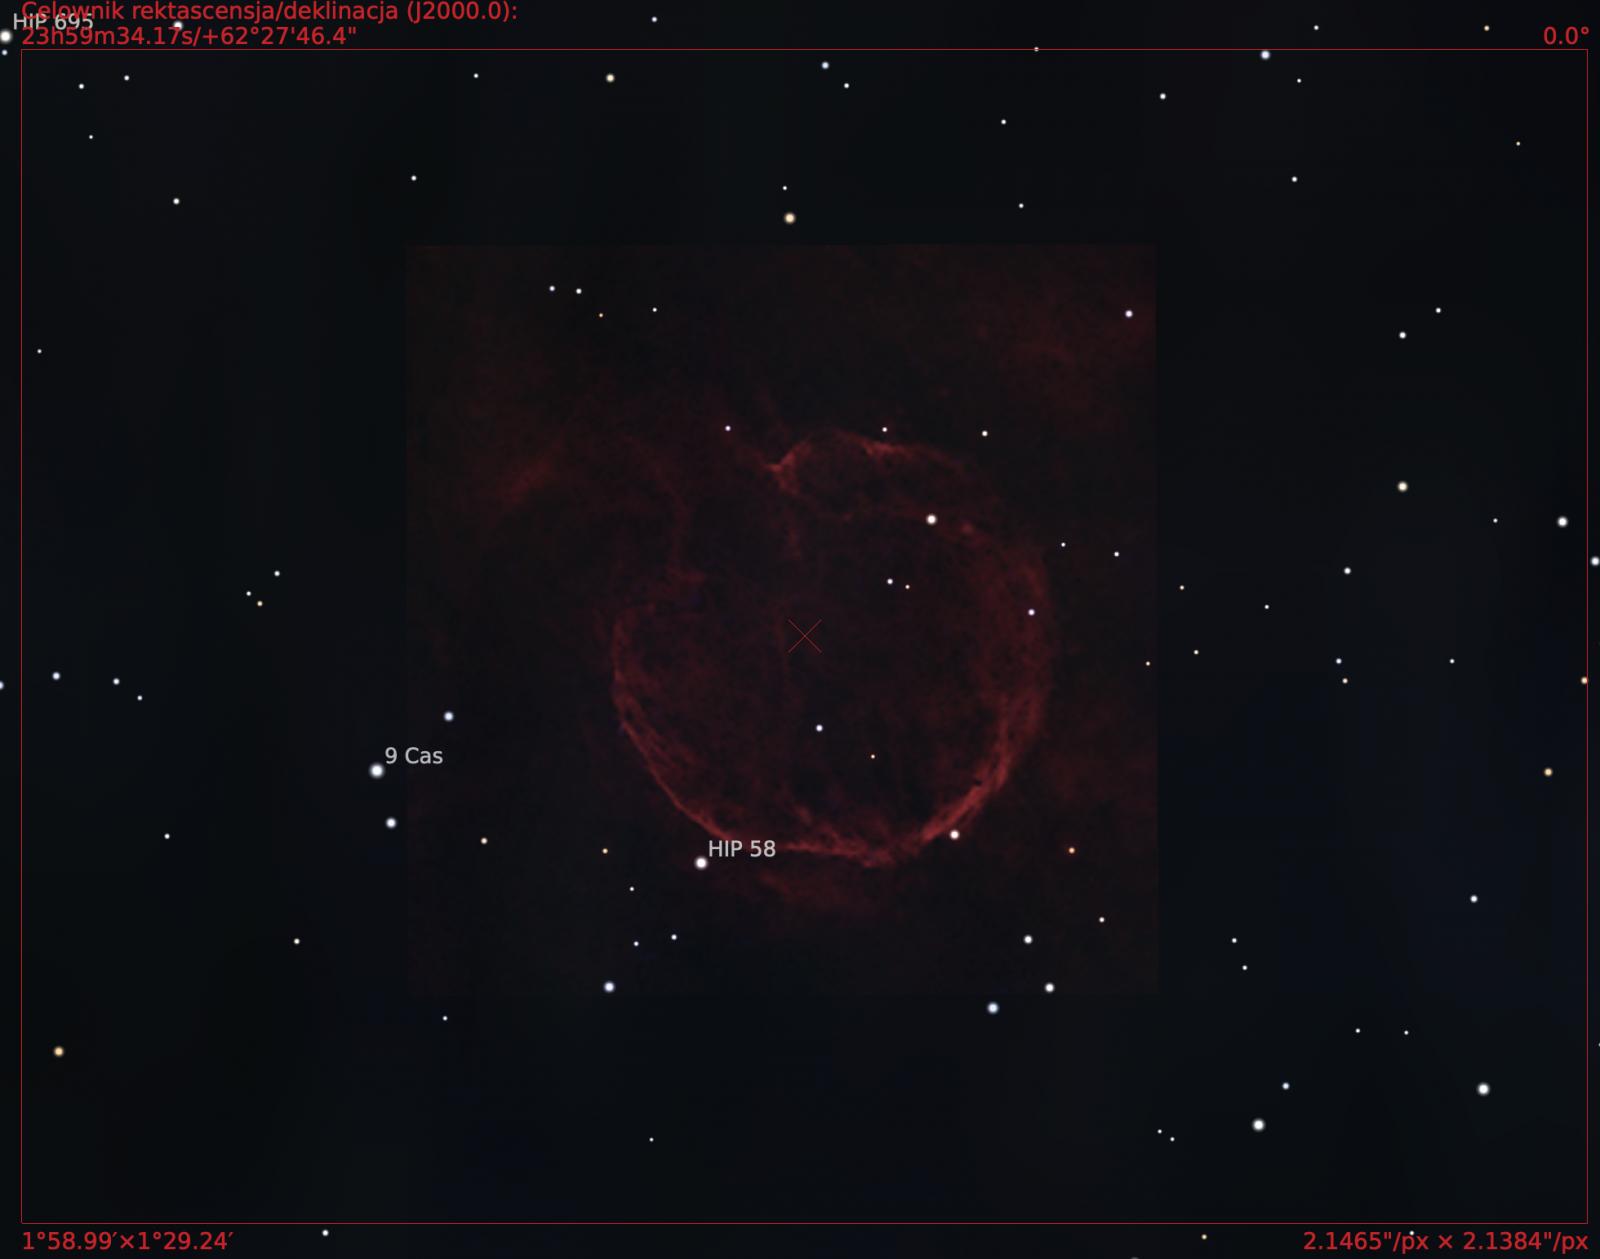 Zrzut ekranu 2021-06-21 o 22.11.36.png